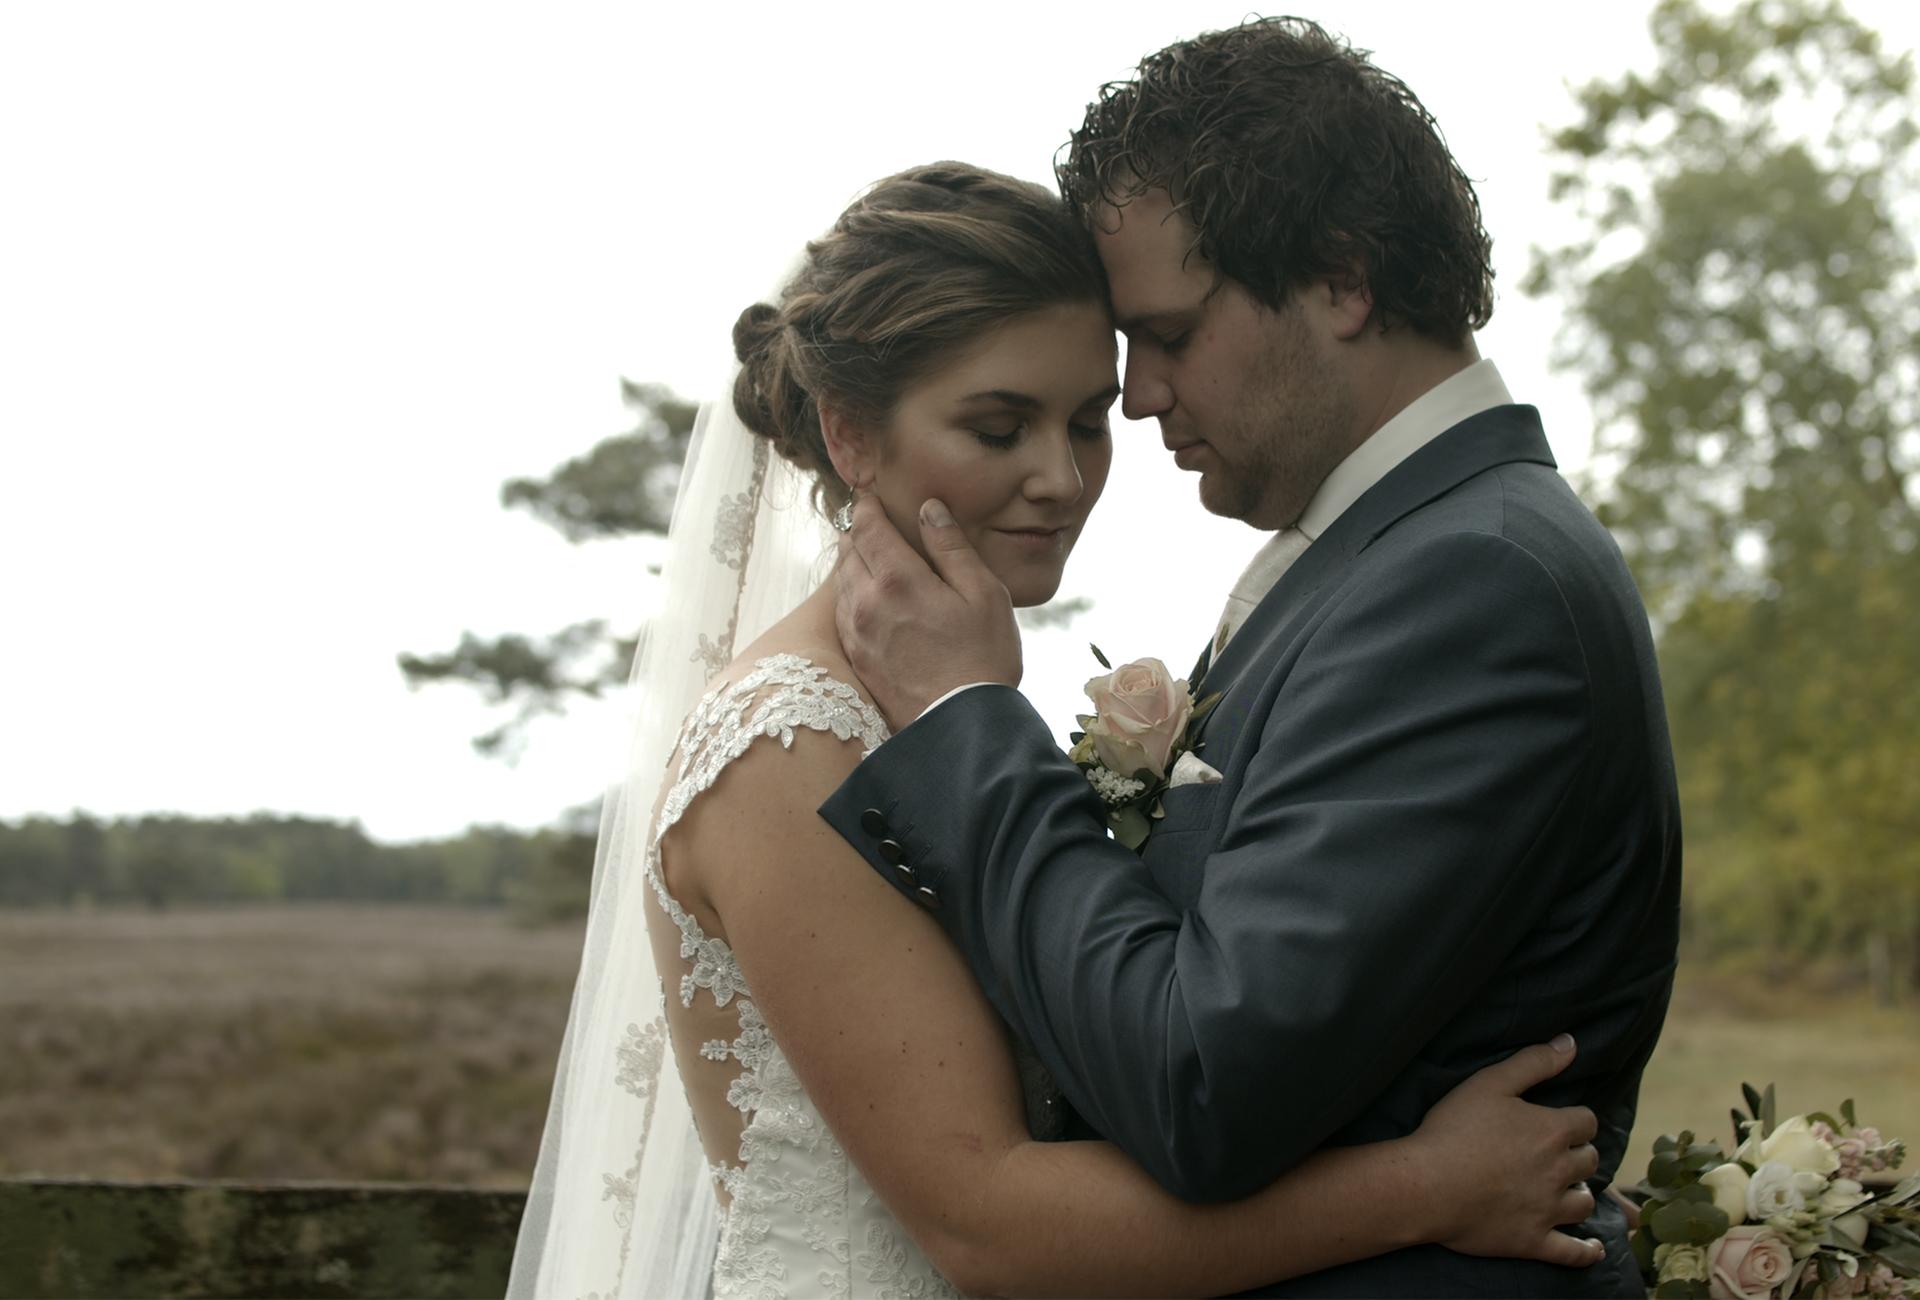 lambert-marlies-bruidsvideograaf-oldebroek